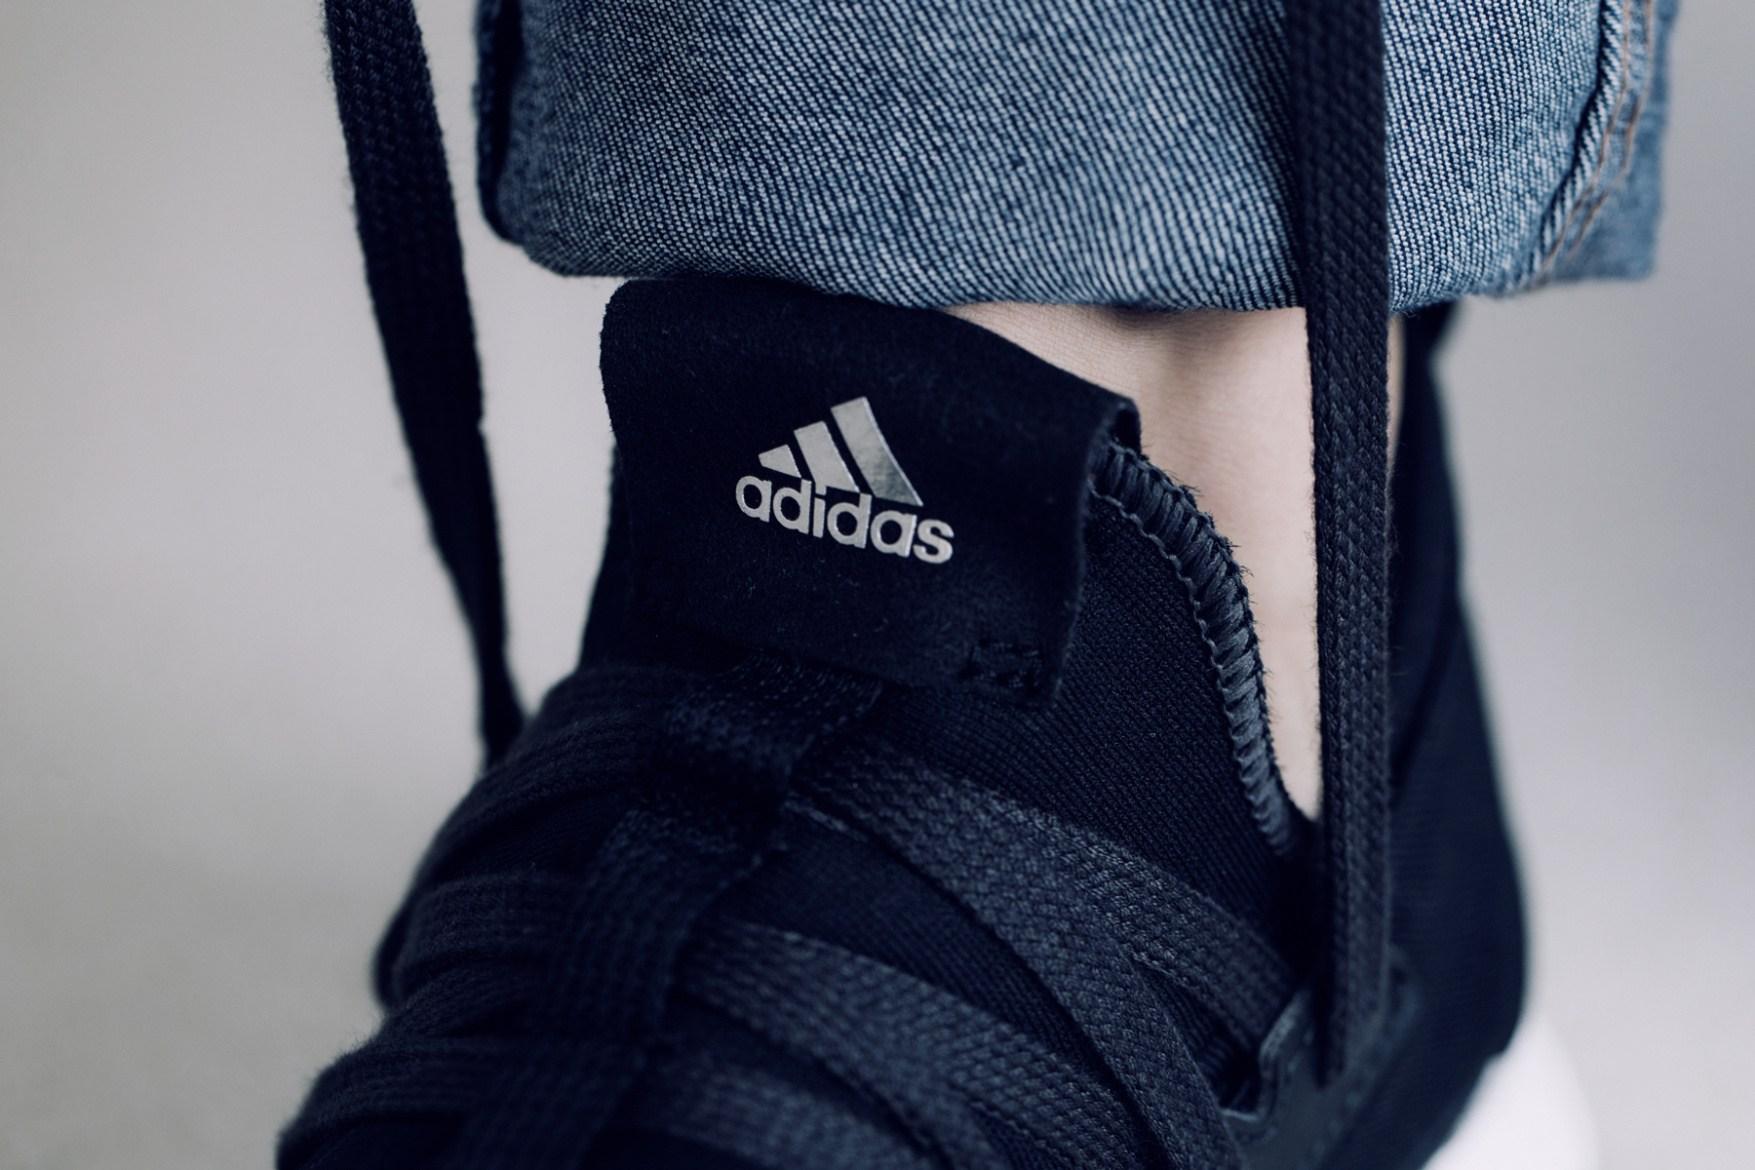 adidas-pureboost-raw-11